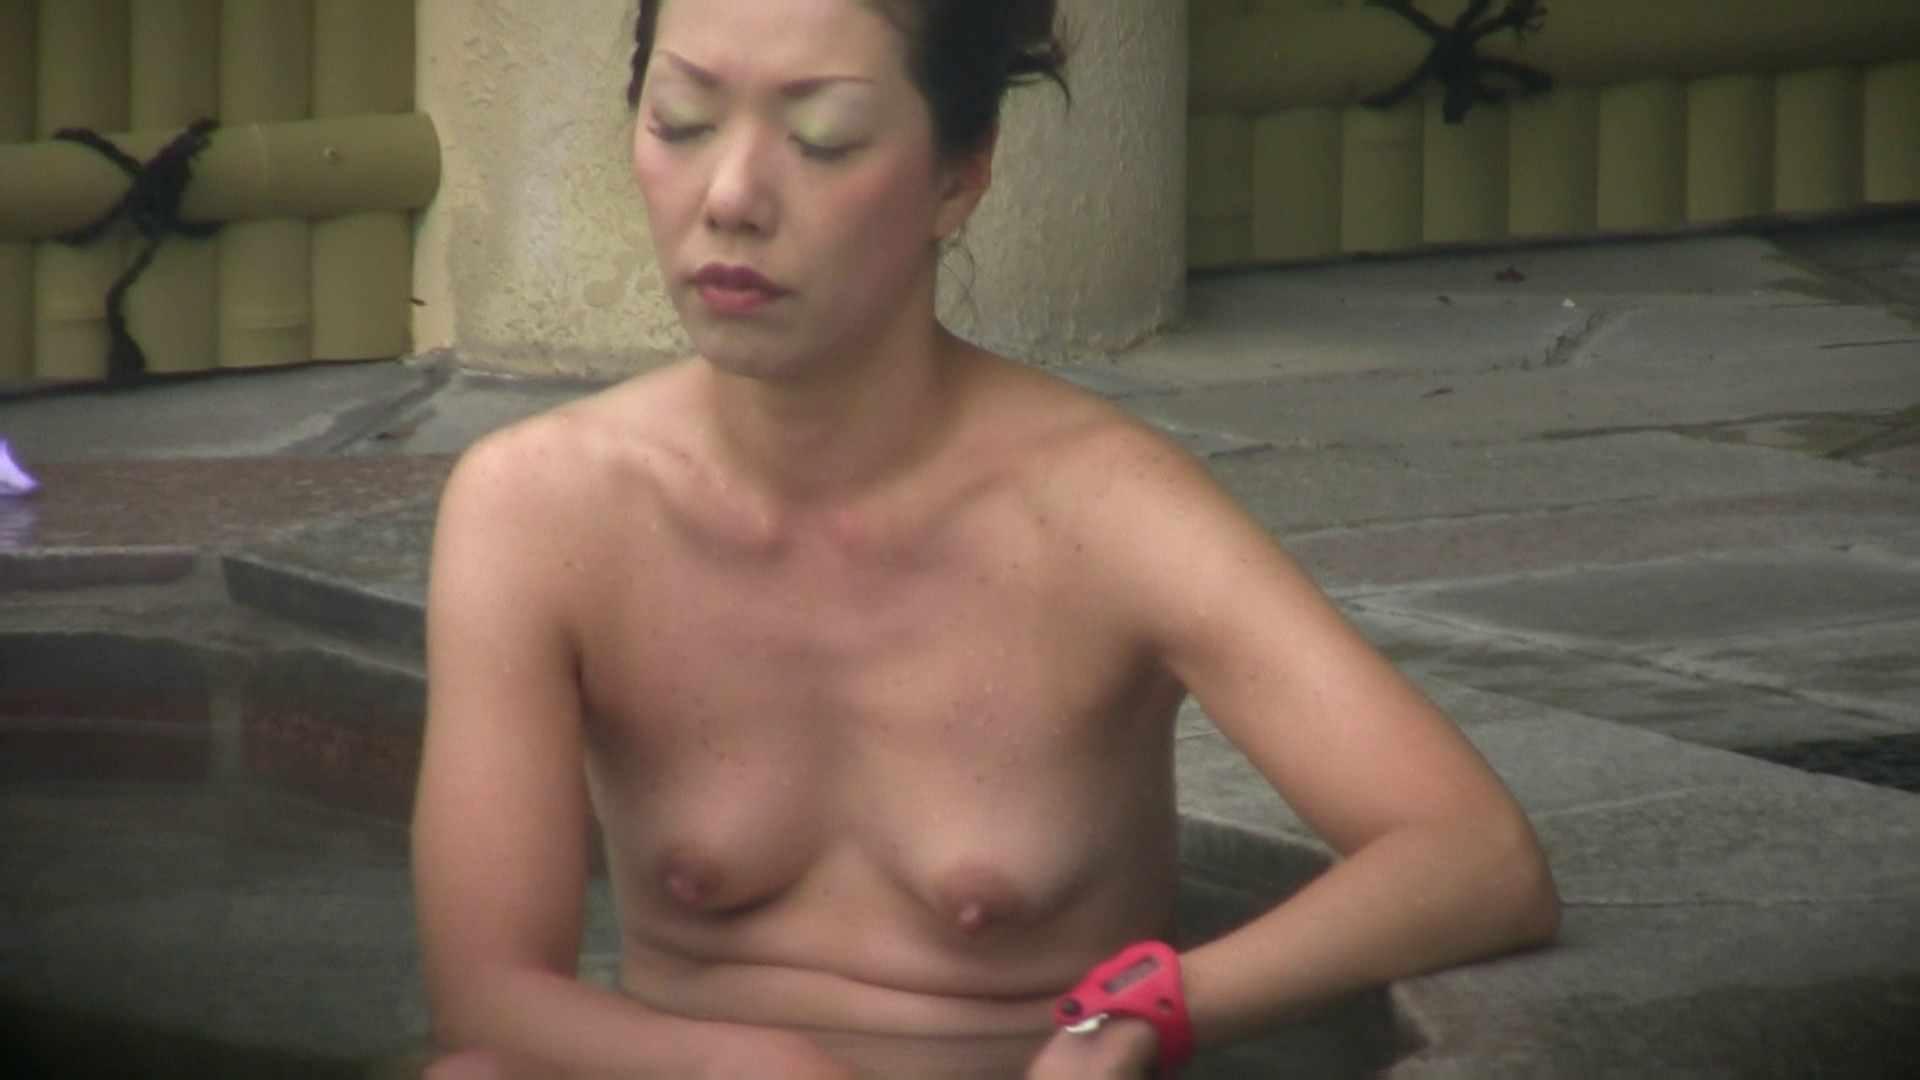 高画質露天女風呂観察 vol.036 高画質 | 女風呂  85pic 38